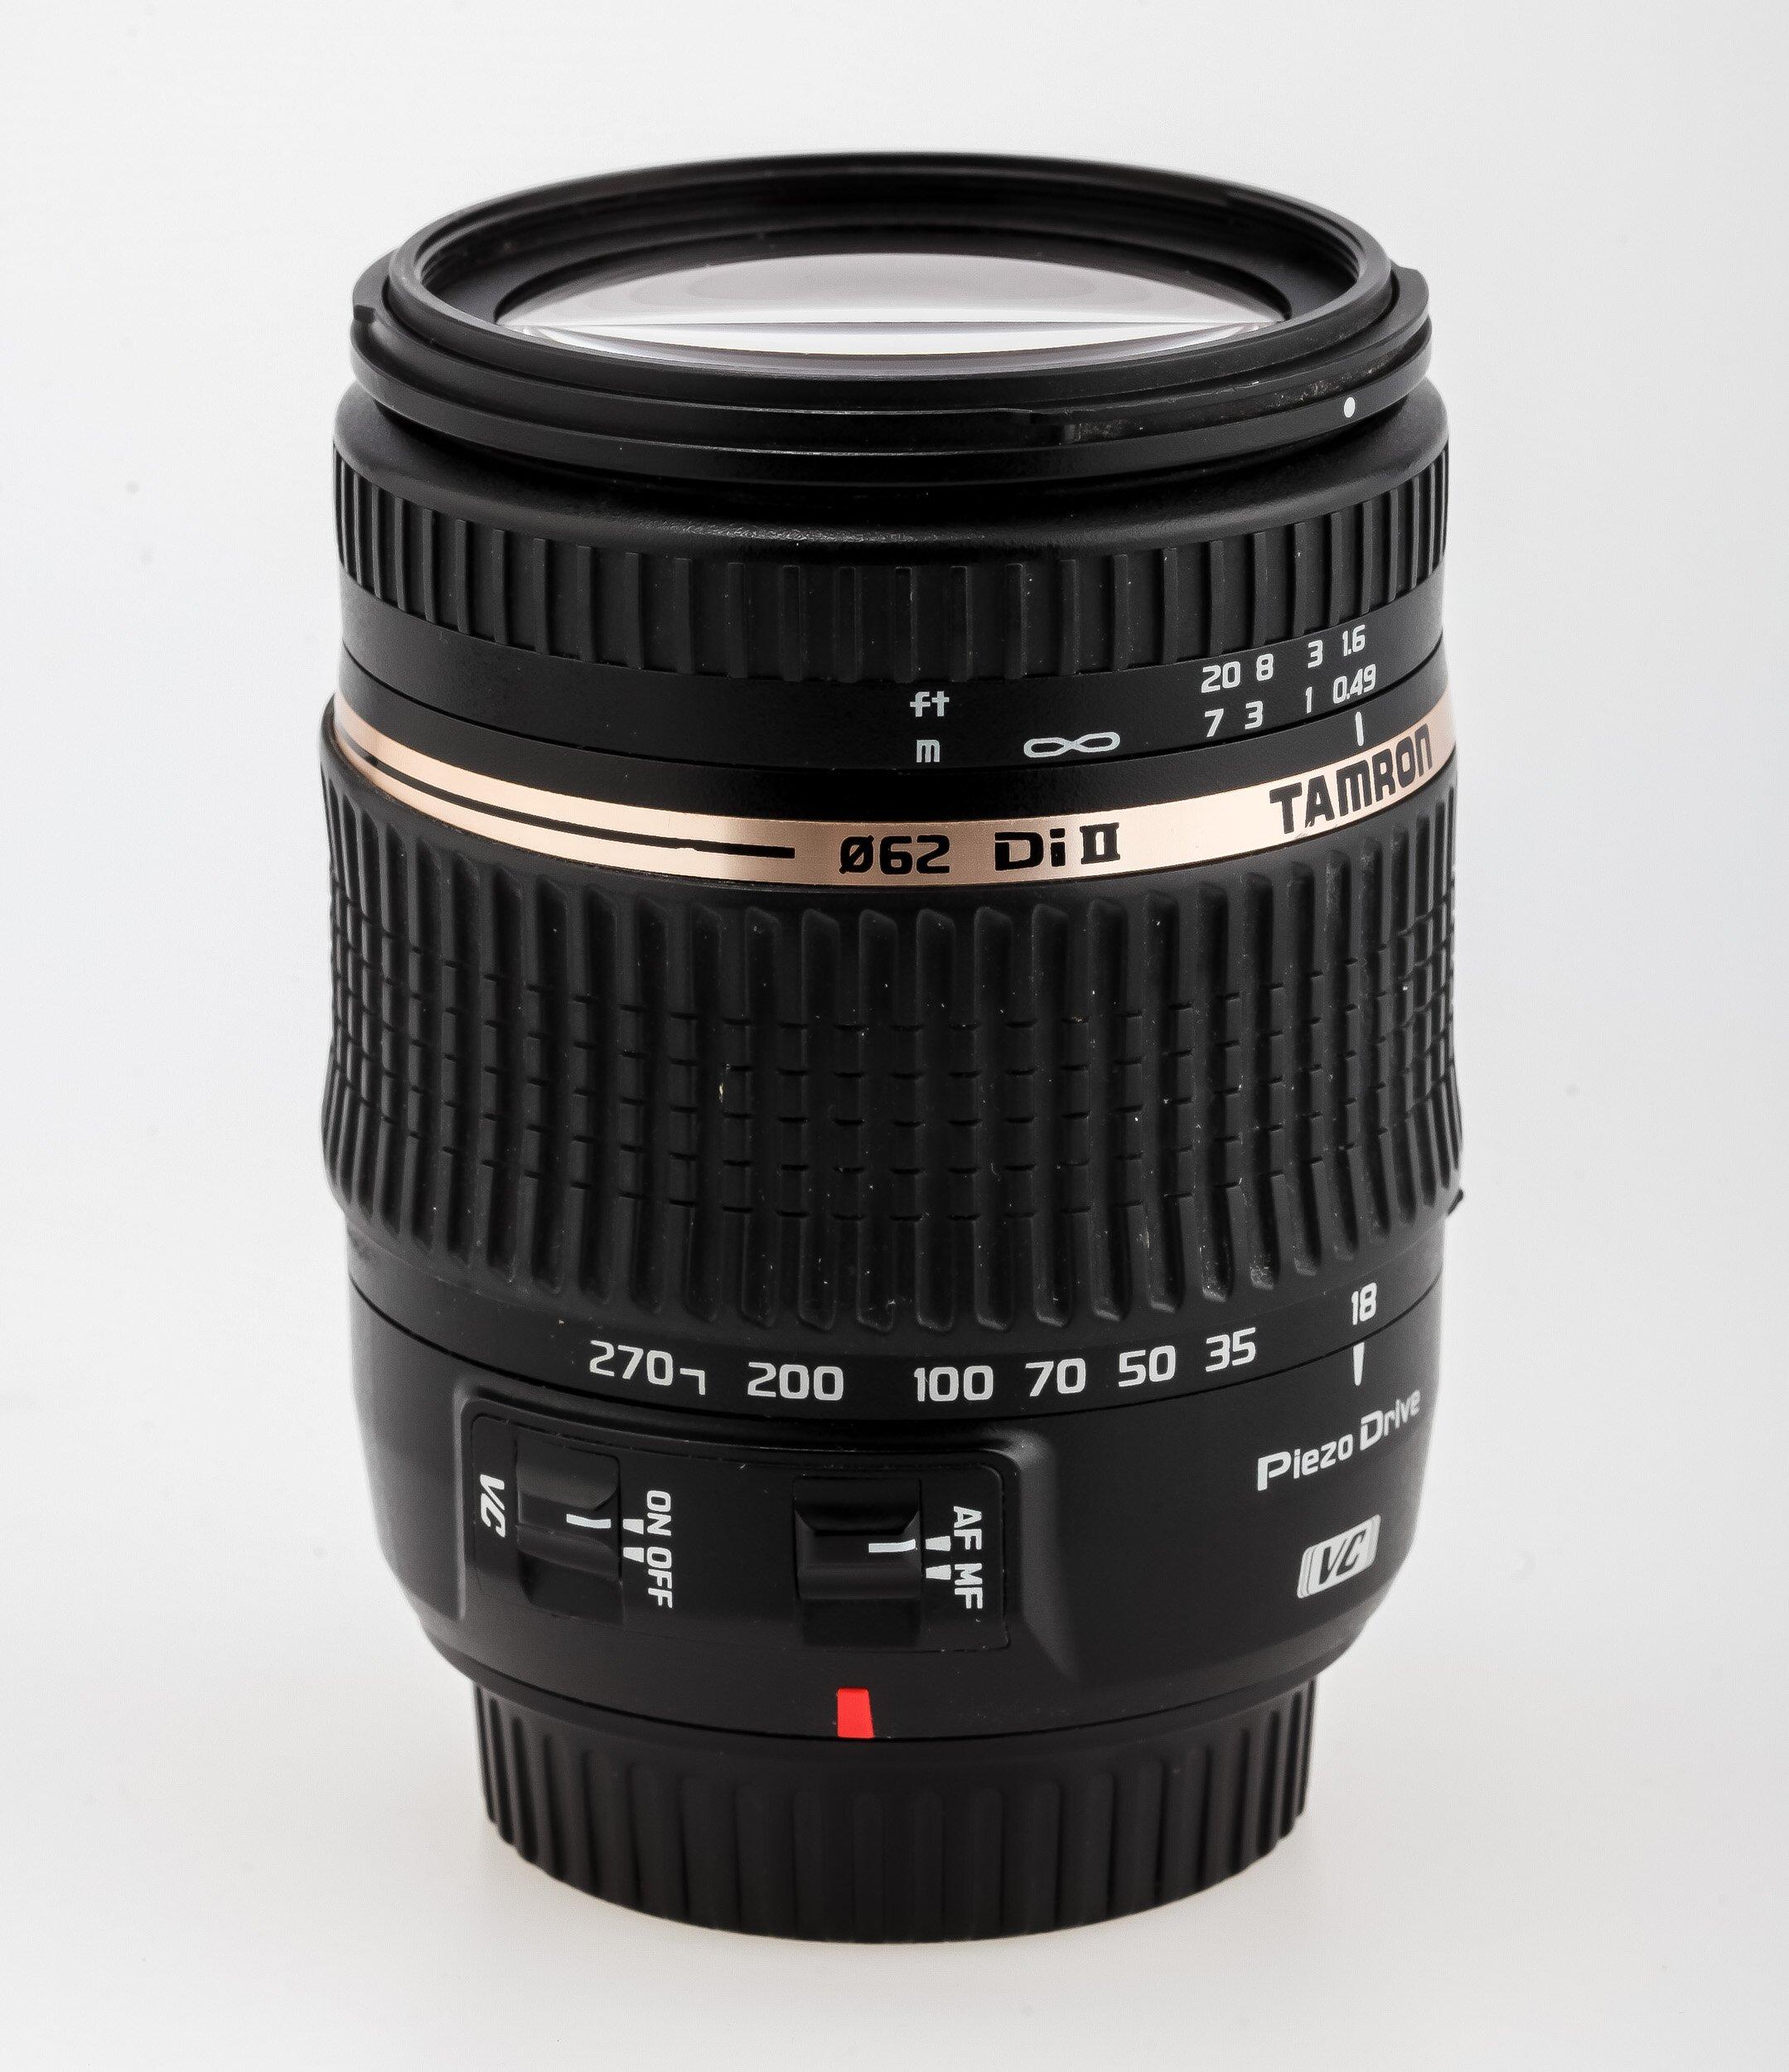 Tamron Di II 18-270mm 3,5/6,3 PZD Canon EOS